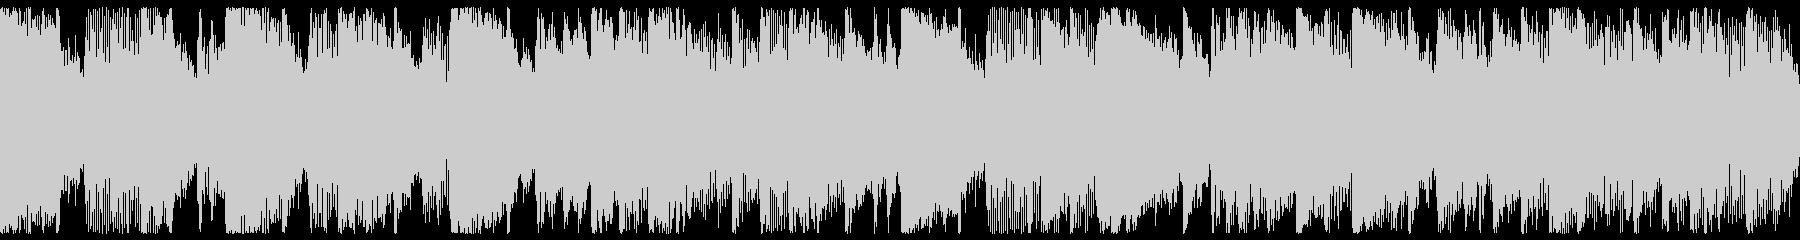 ジャズの影響を受けたモダンサウンドの未再生の波形